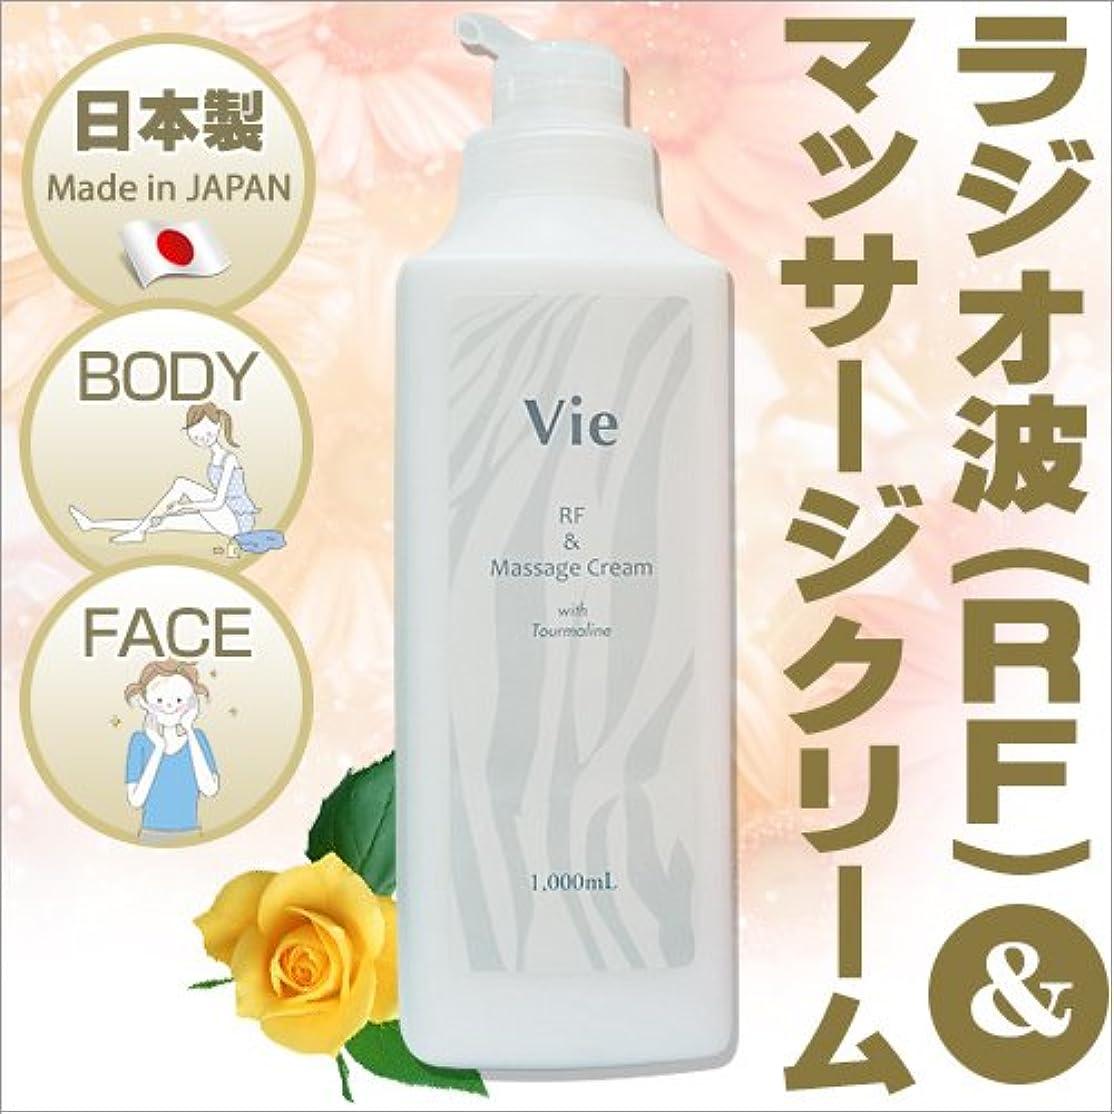 テクトニック赤道認知ラジオ波クリーム【日本製】1kg Vie RFクリーム